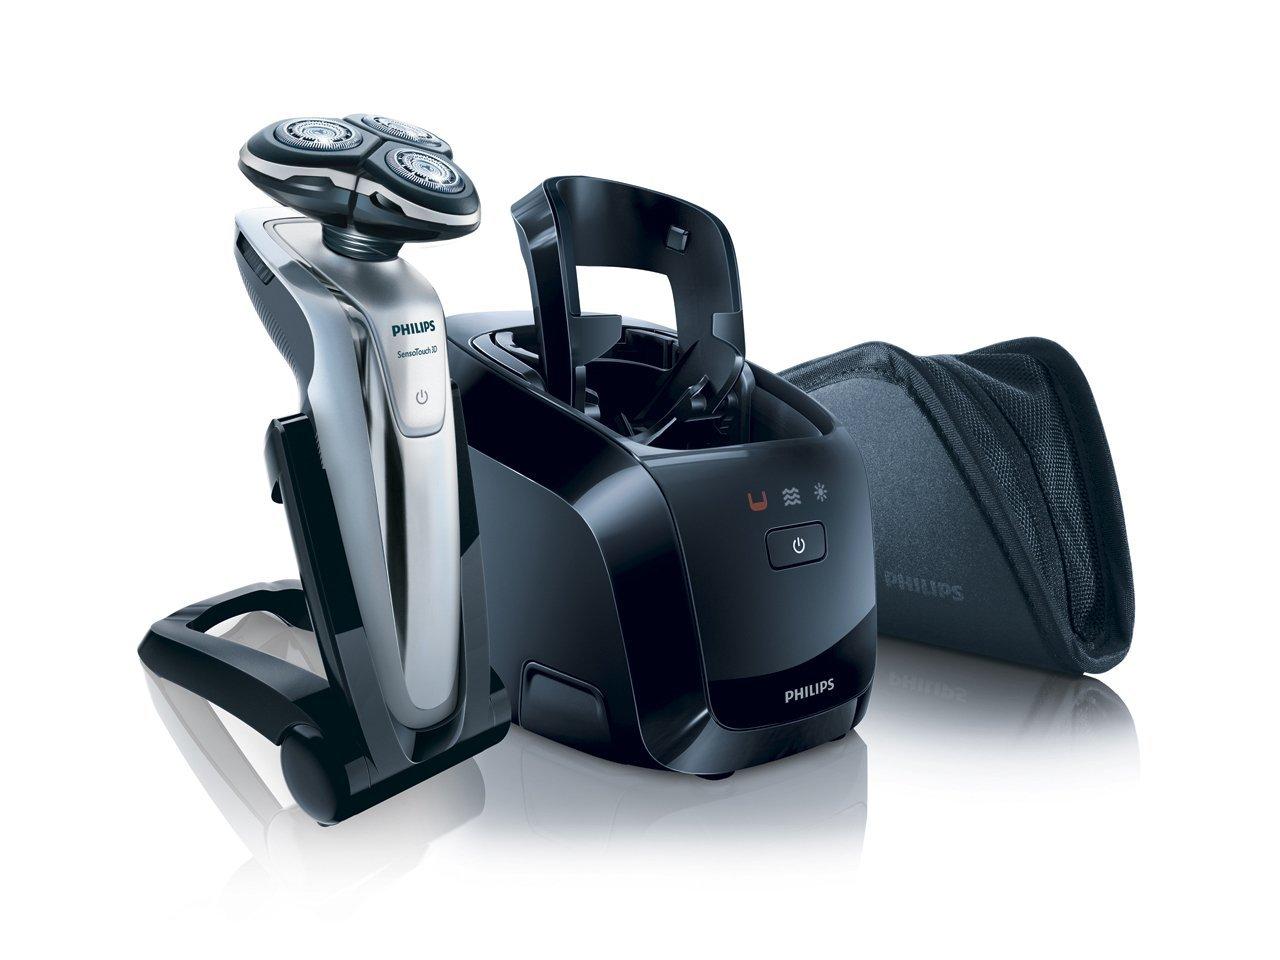 Bild zu Nass- und Trockenrasierer Philips RQ1260 Senso Touch 3D für 111,90€ inkl. Versand